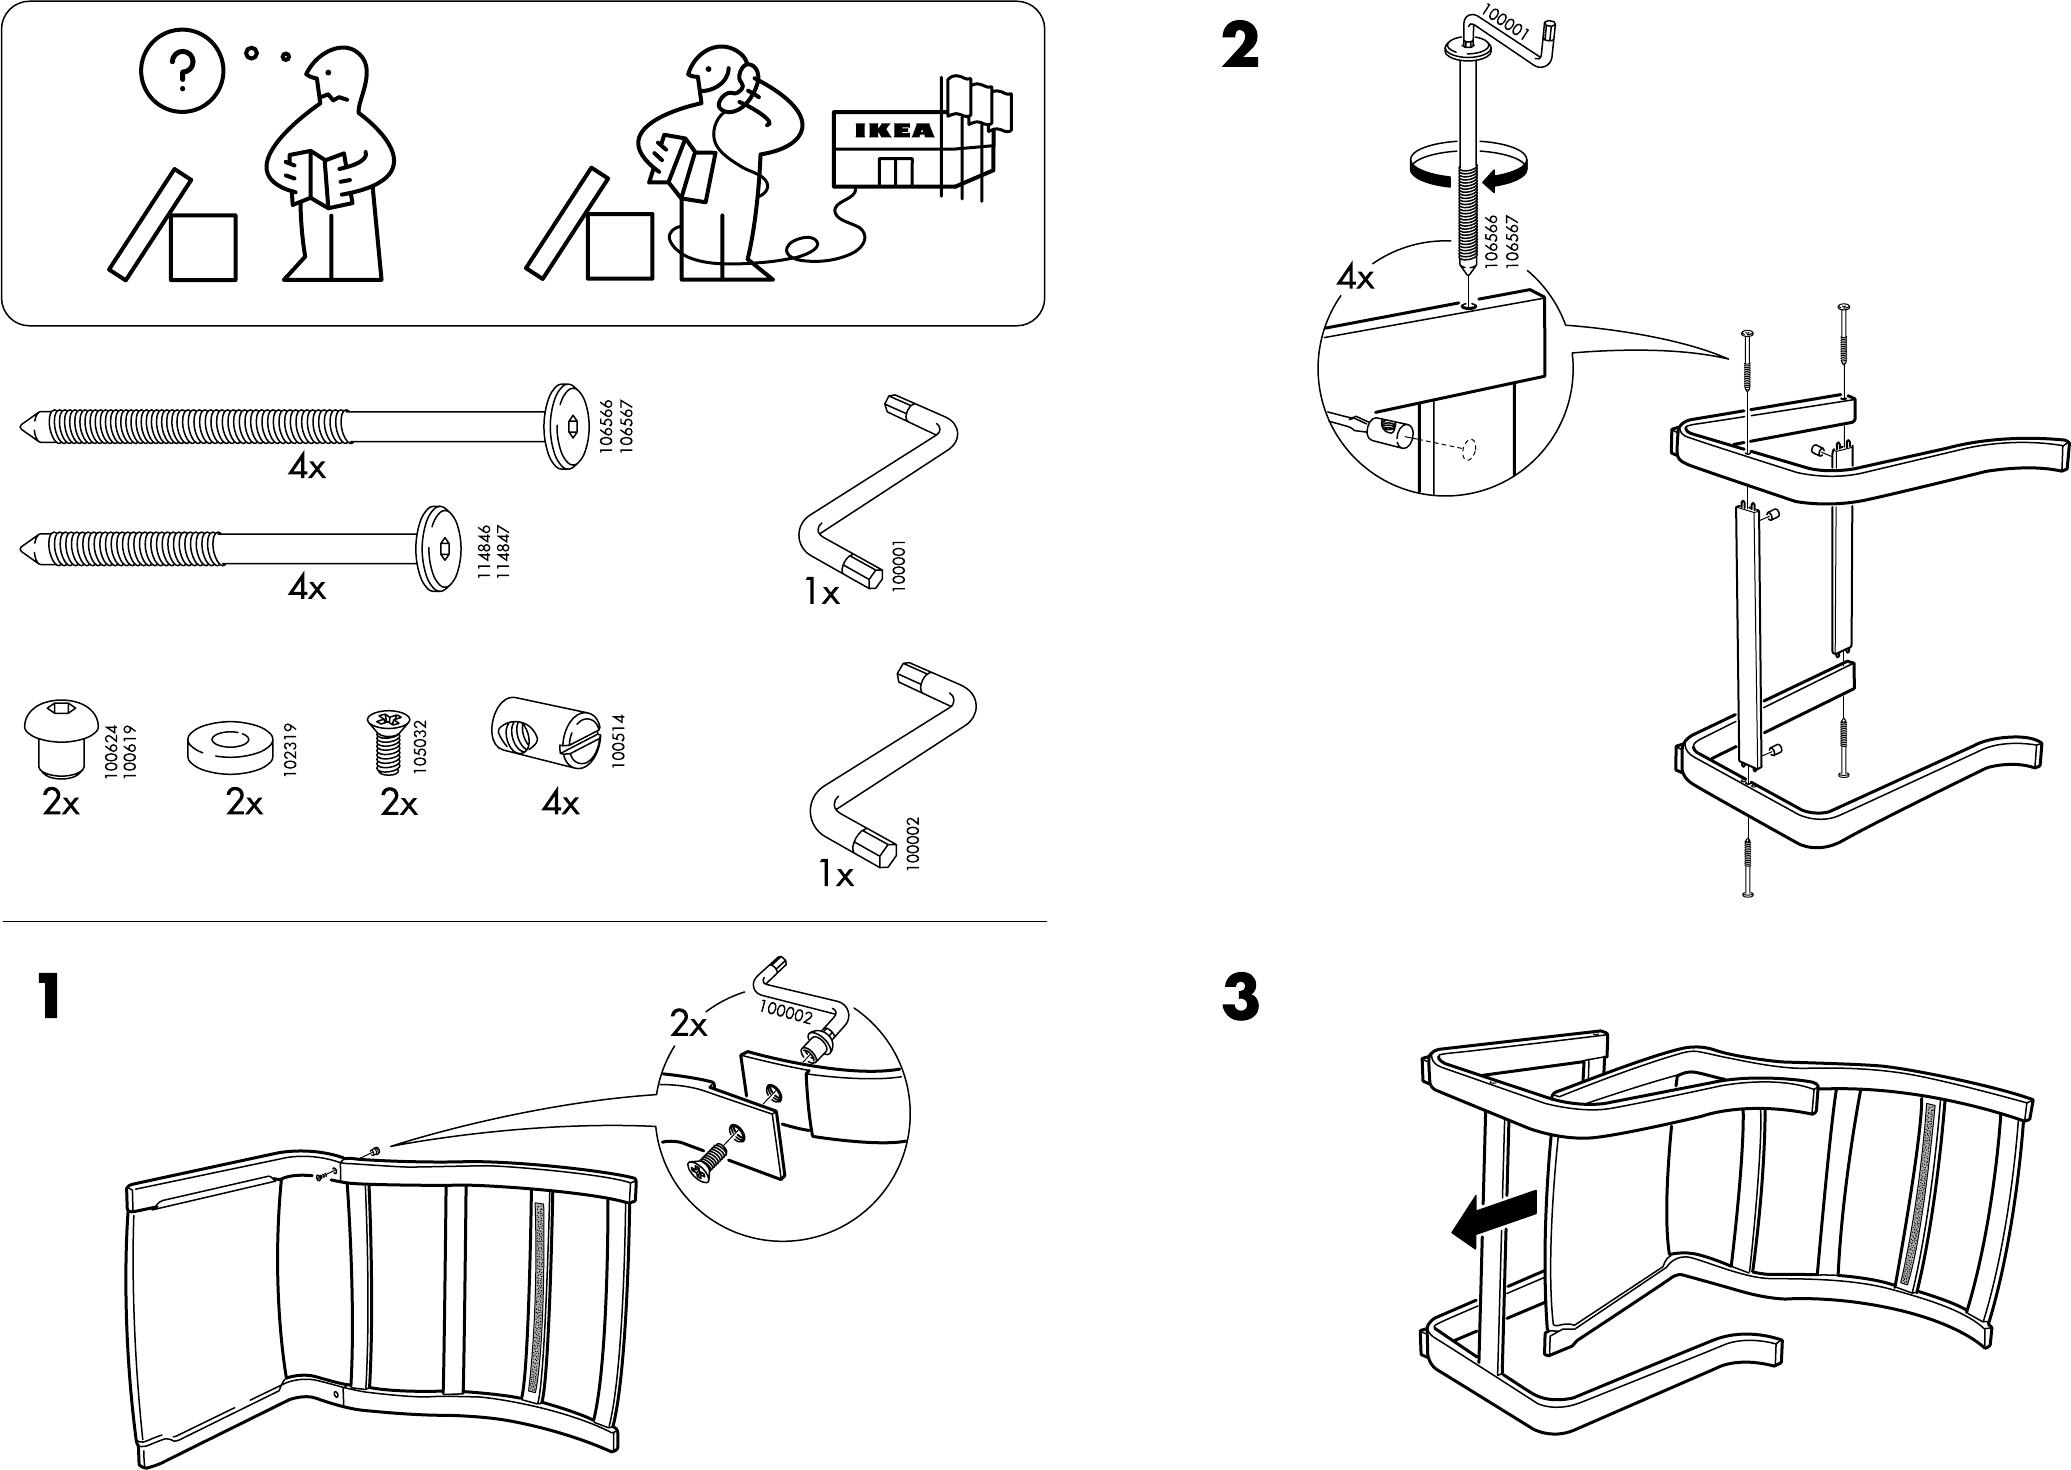 Ikea Schuifdeuren Monteren.Ikea Keuken Montage Handleiding Informatie Over De Keuken